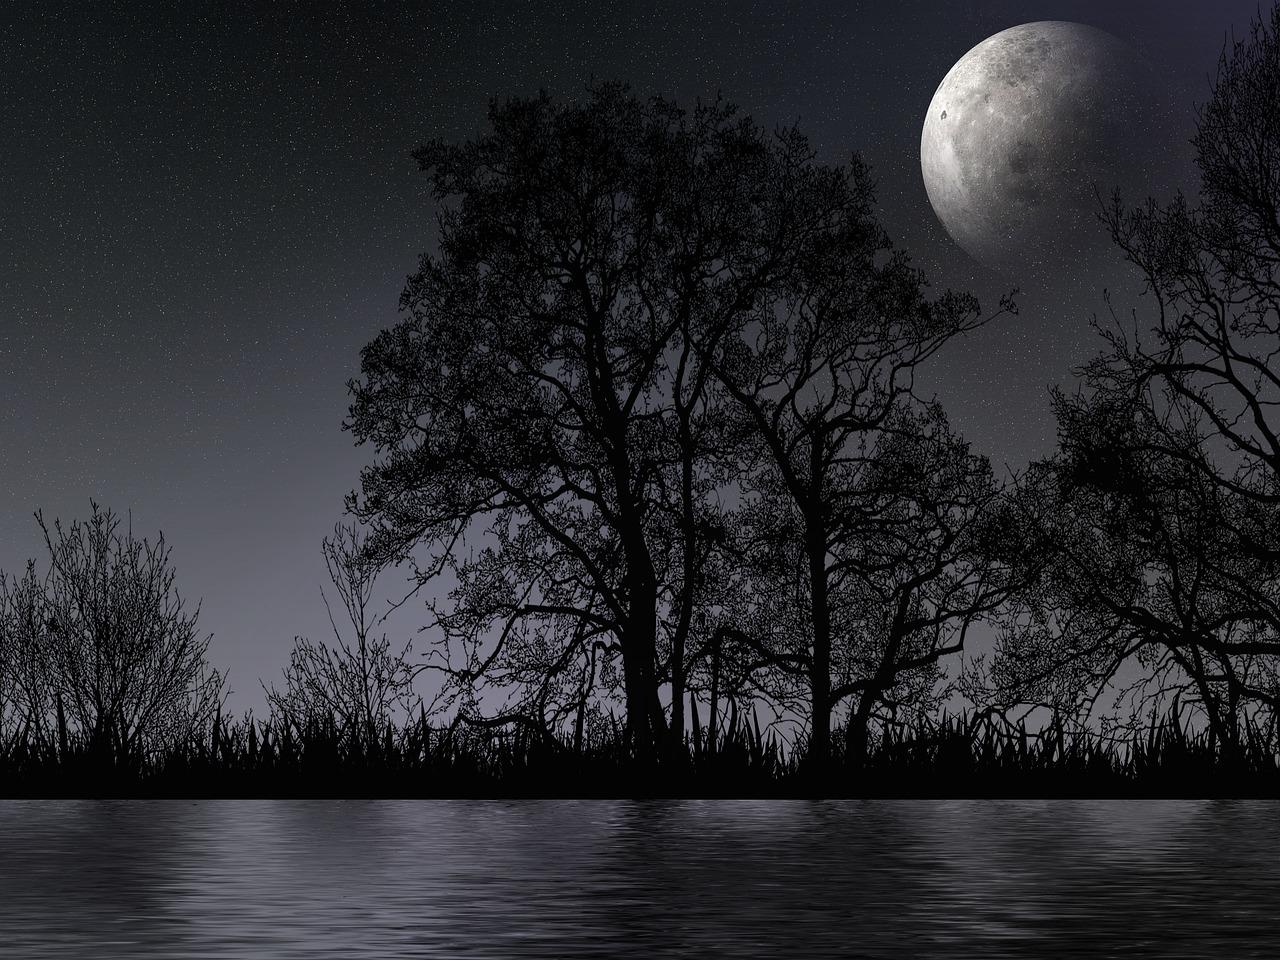 женат, отражение ночи картинки связи этим сих